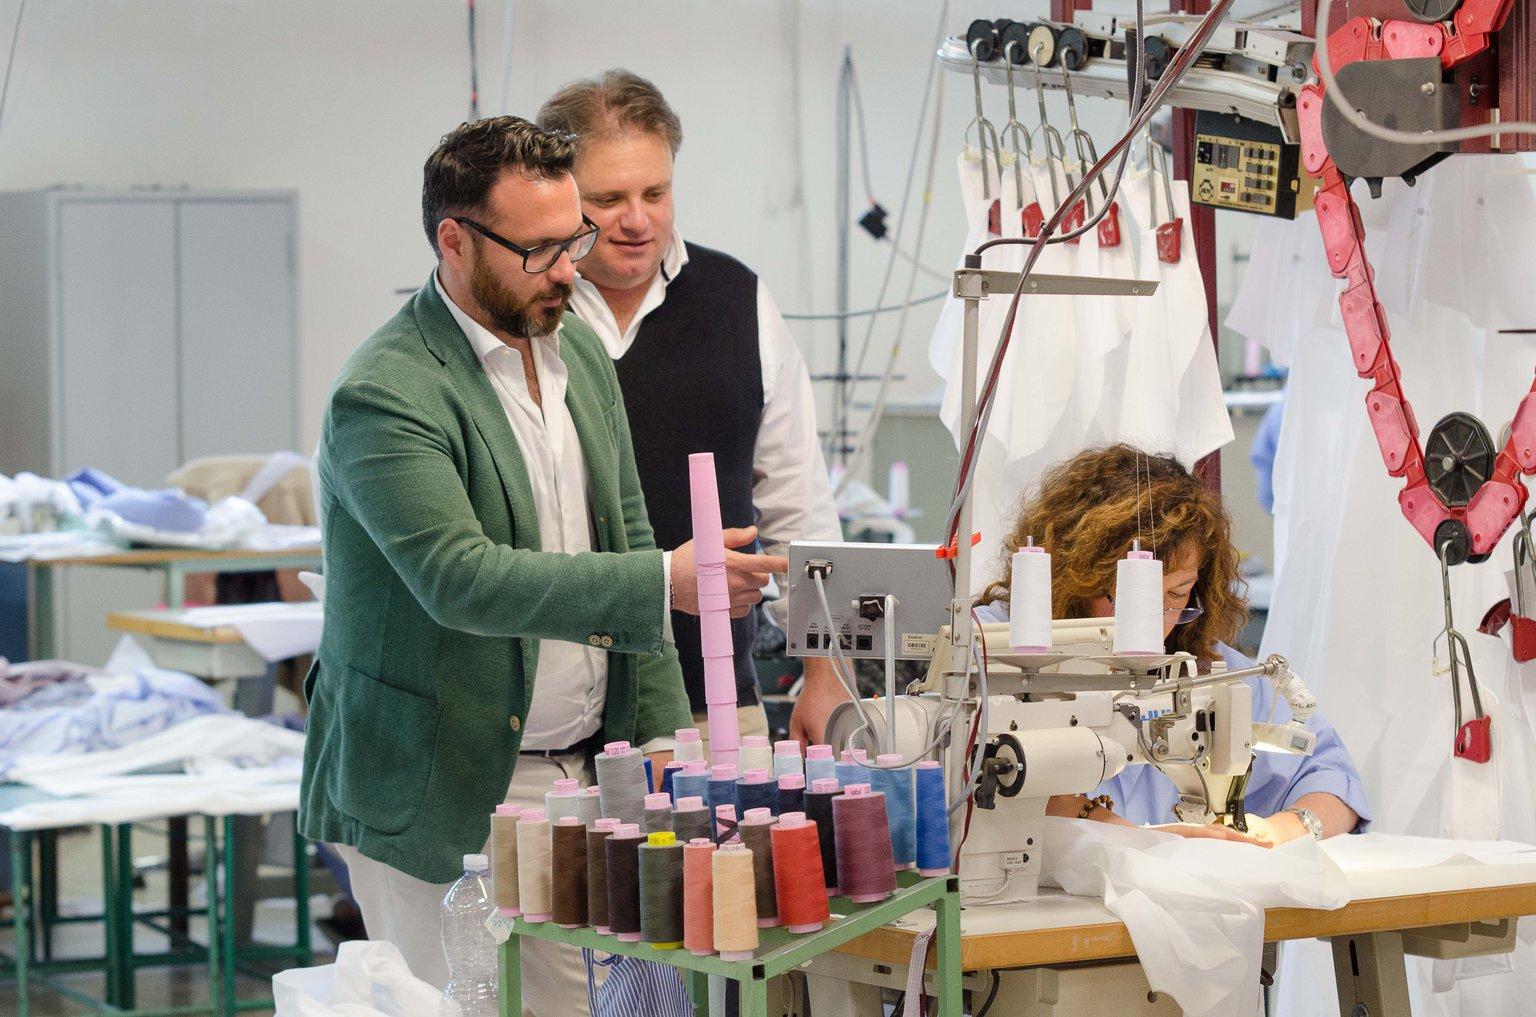 L'ecommerce per camicie su misura di Apposta porta il made in Italy in tutto il mondo - Startupitalia